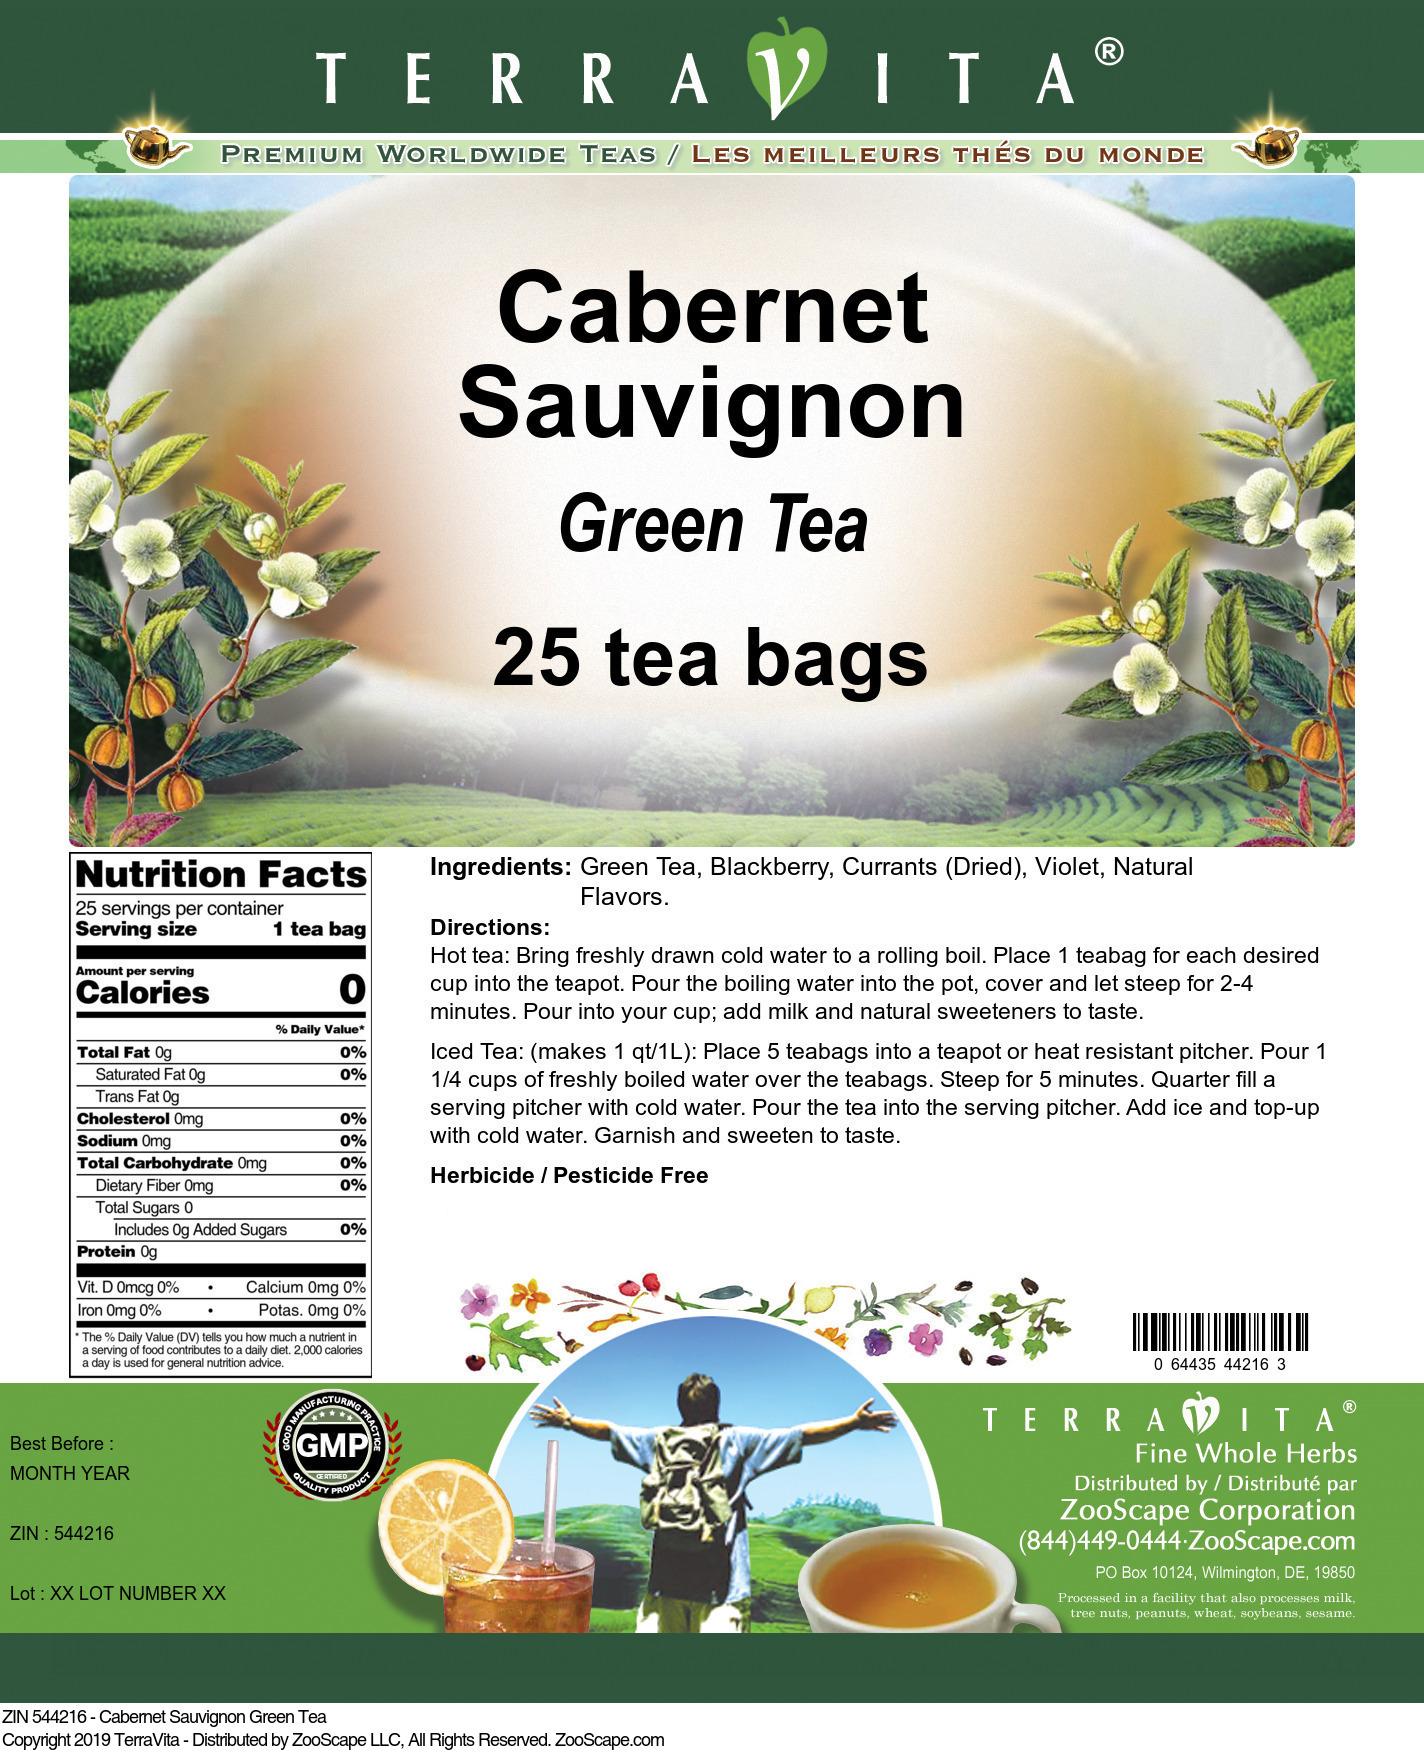 Cabernet Sauvignon Green Tea